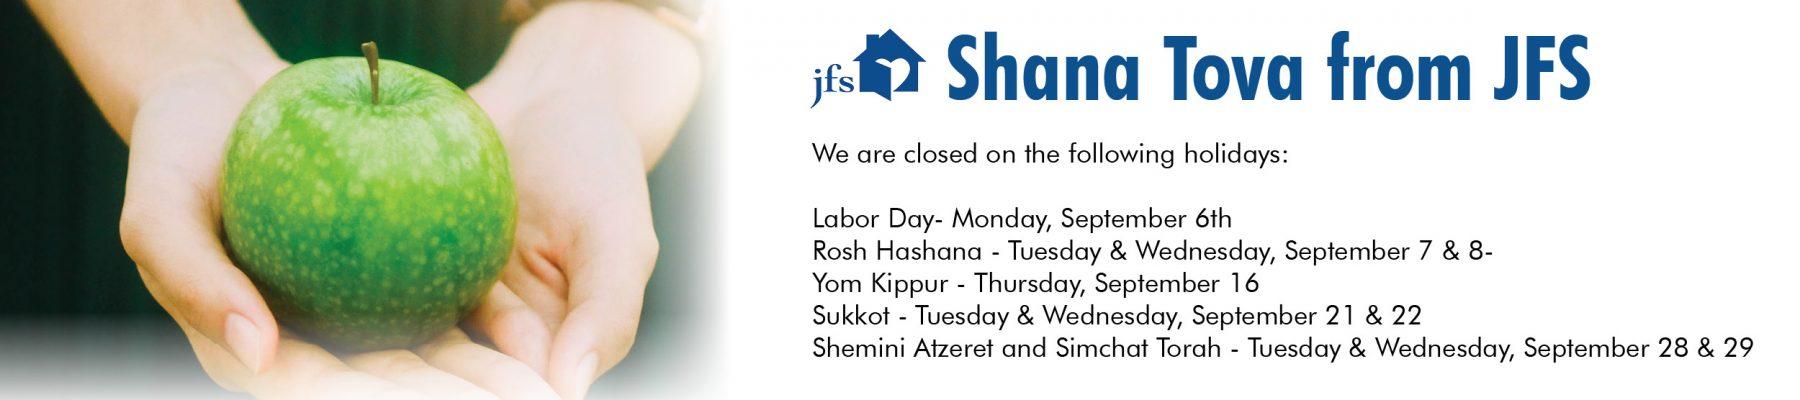 JFS Shana Tova - Holidays